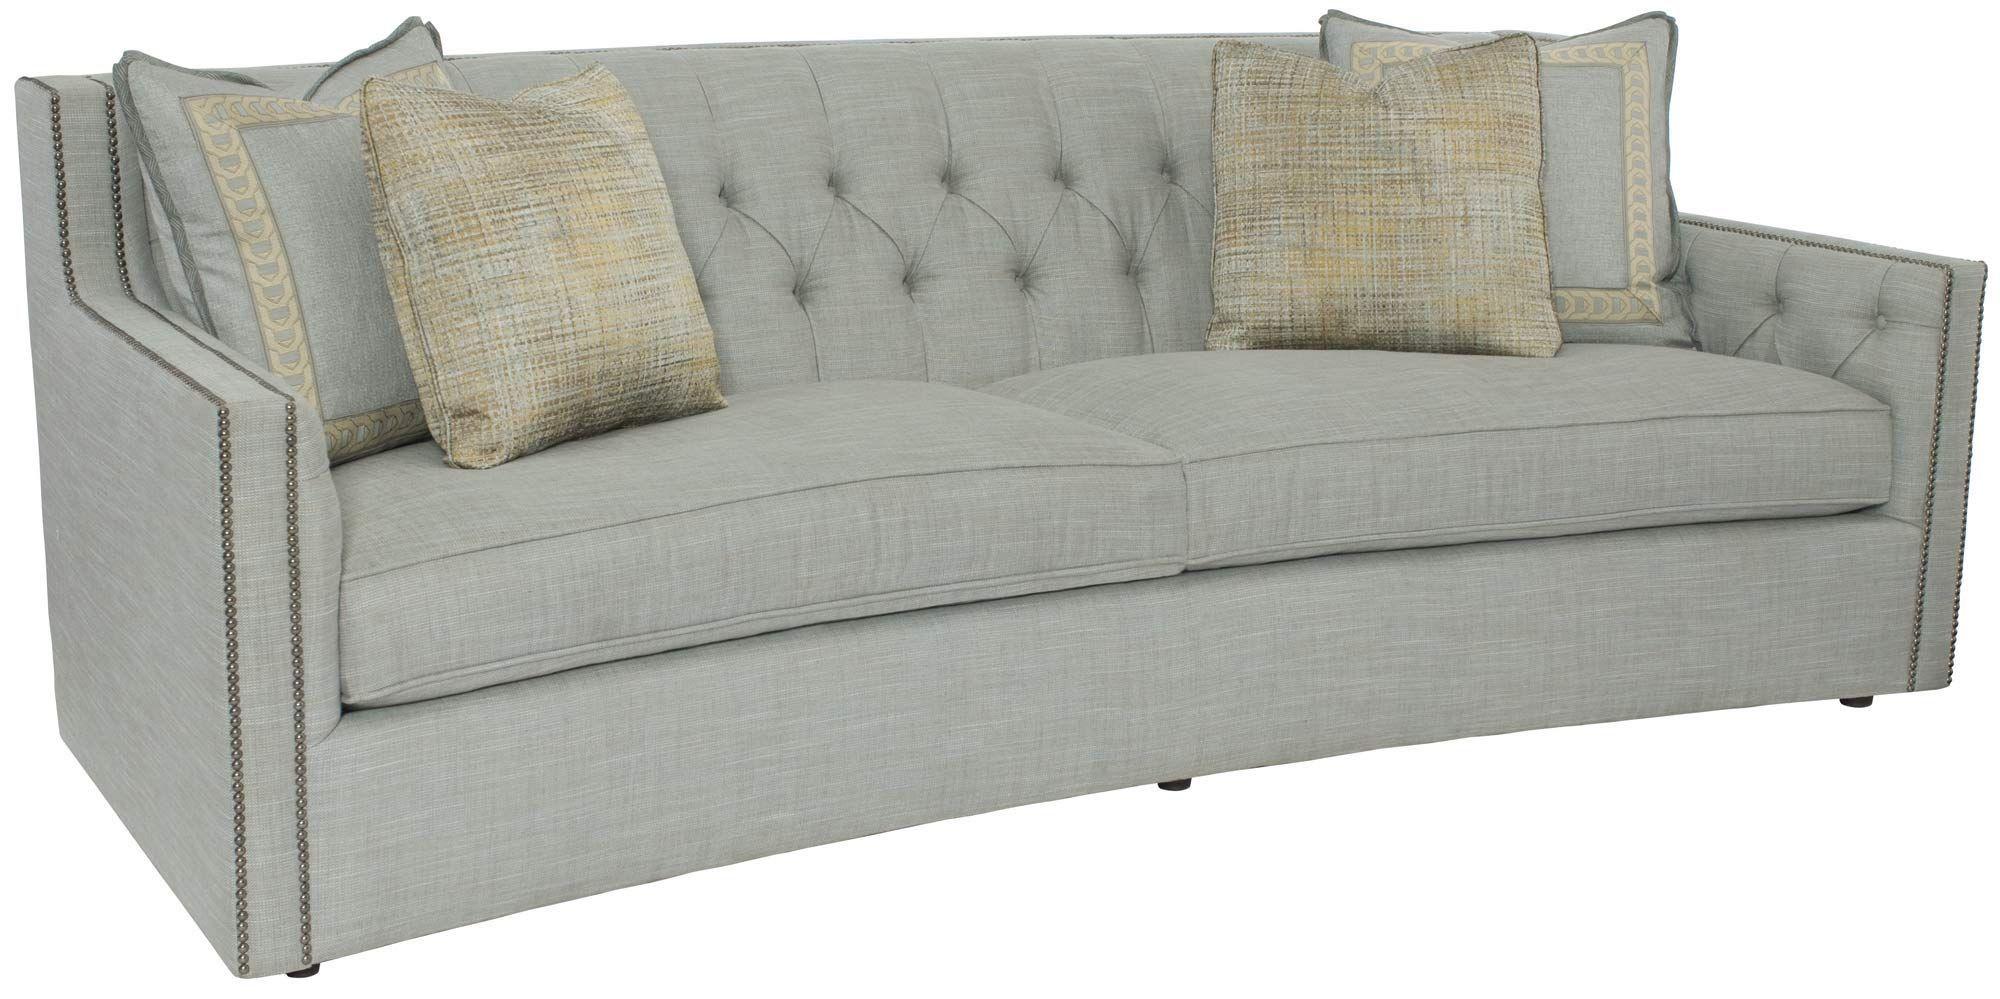 Sofa 96 Quot Bernhardt Bernhardt Furniture Sofa